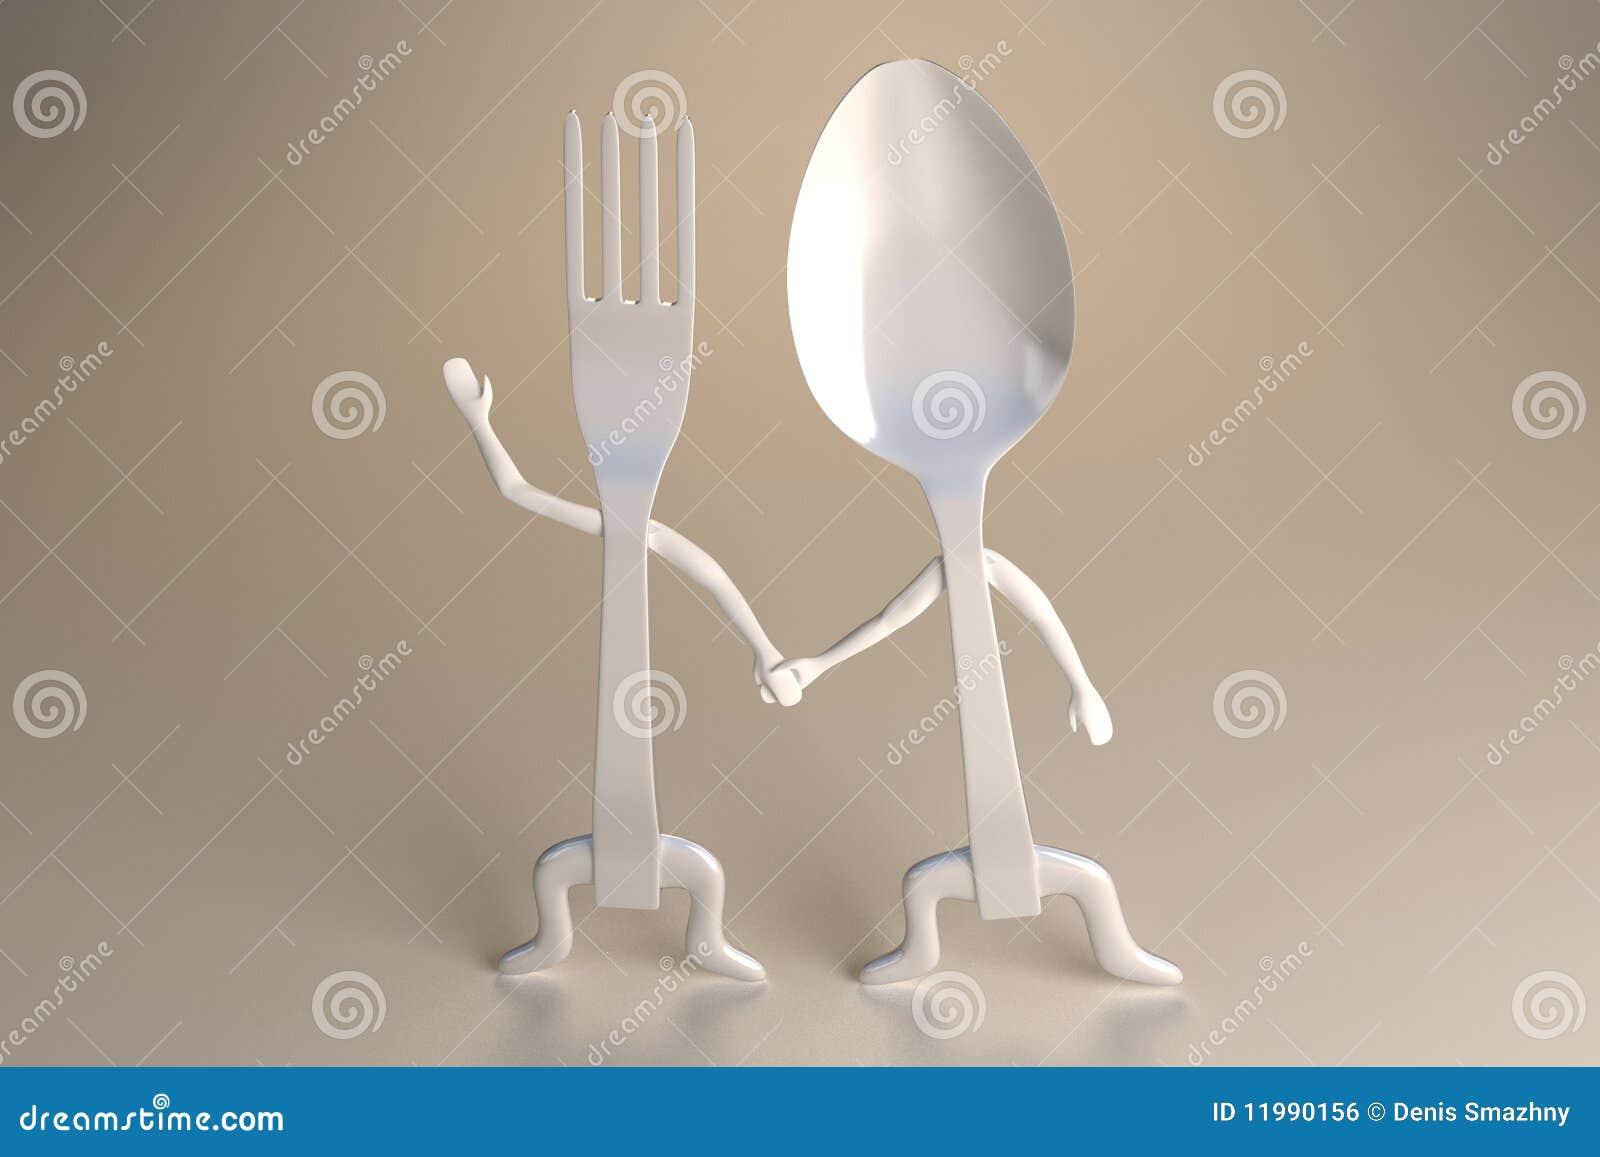 Cuchara y fork